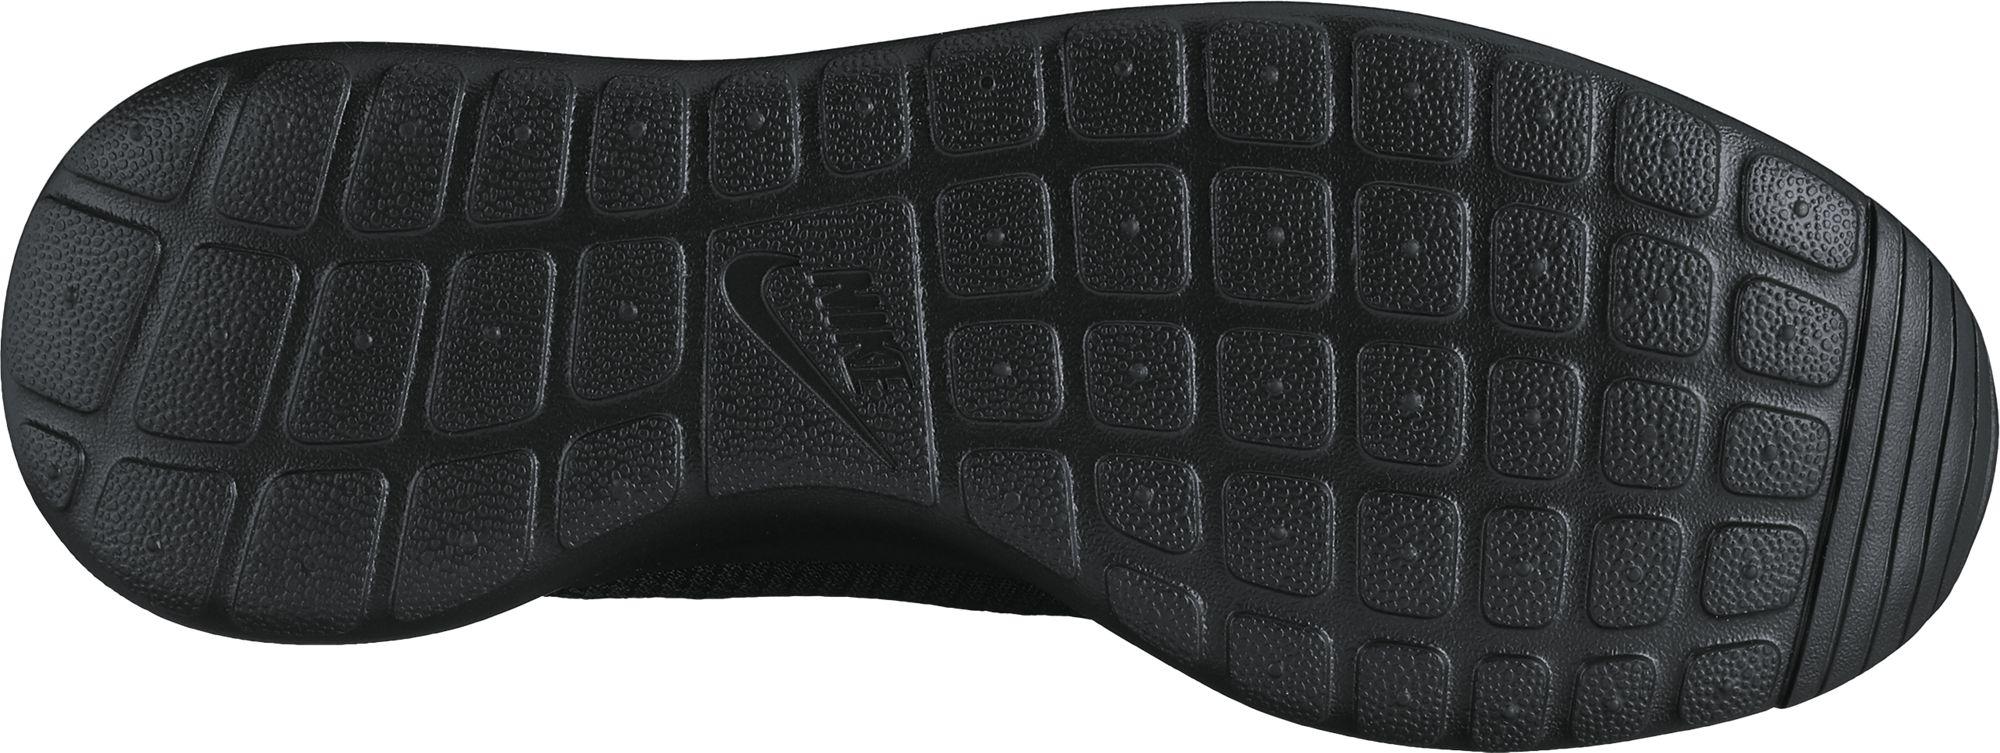 Nike Roshe One 511881 031